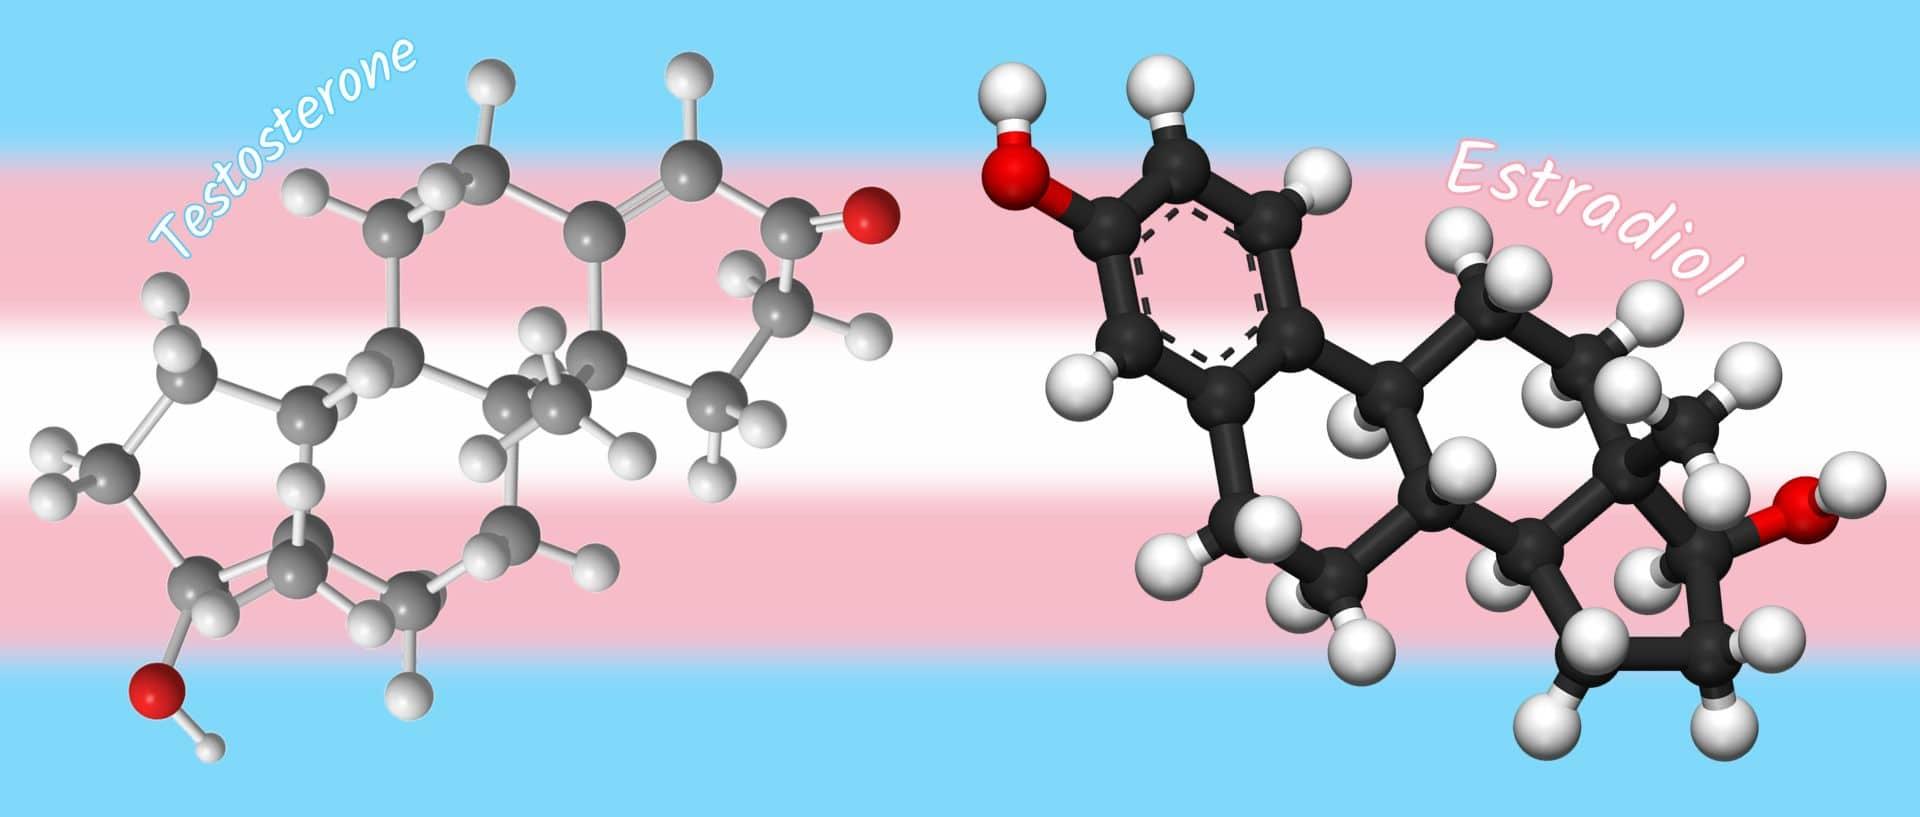 Hormones - Testosterone, Estradiol - 3D balls